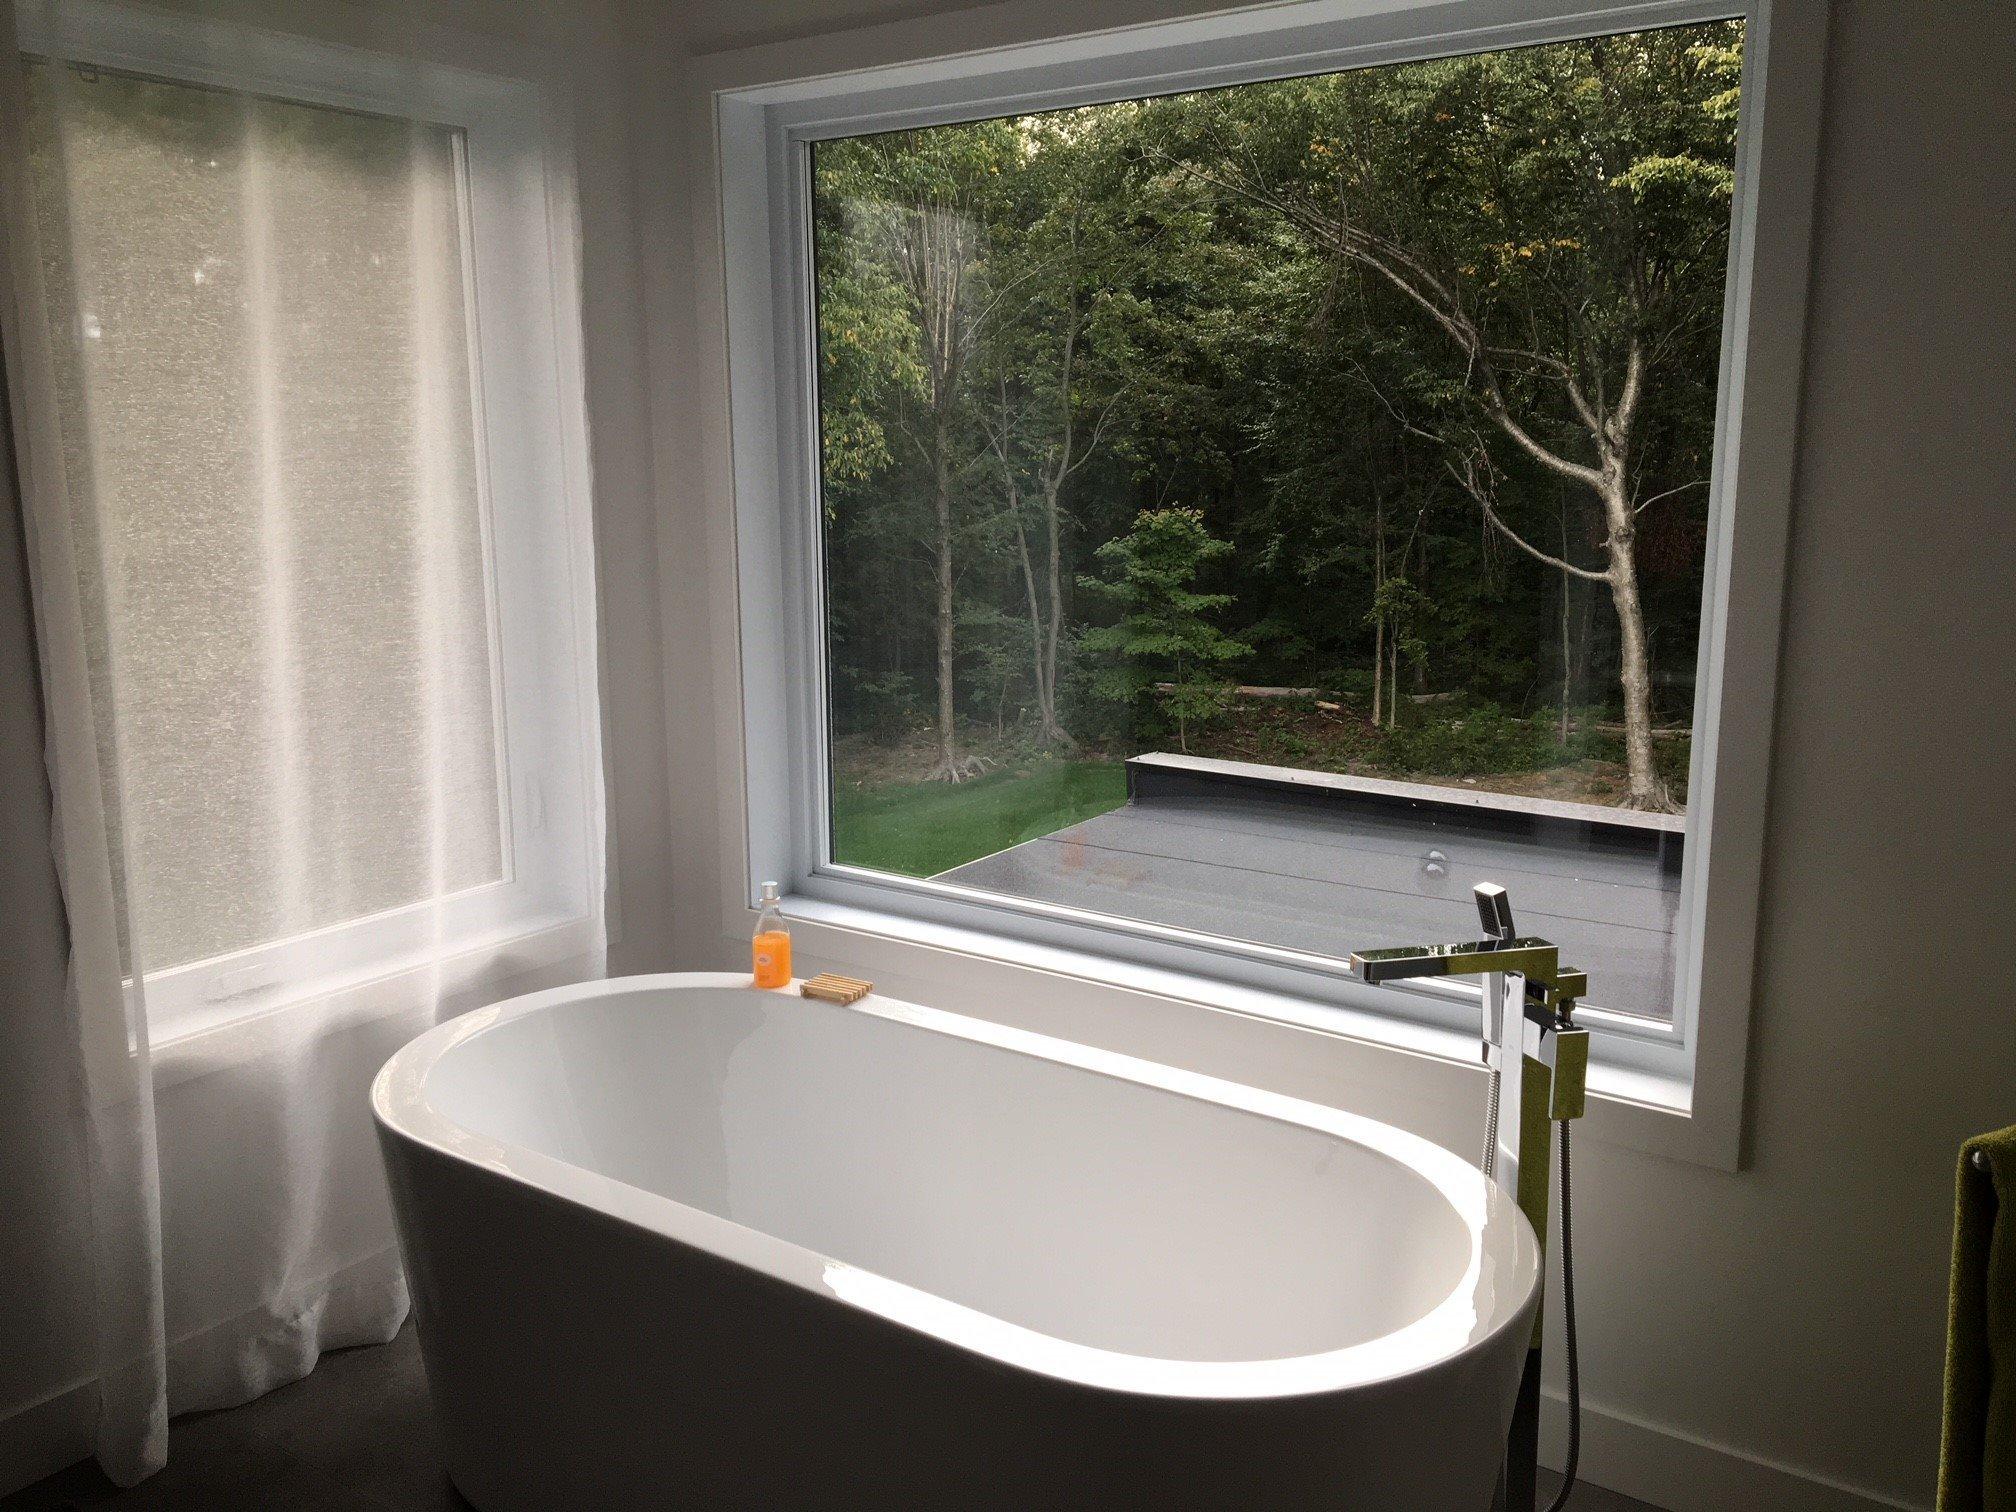 salle de bain avec grande fenêtre